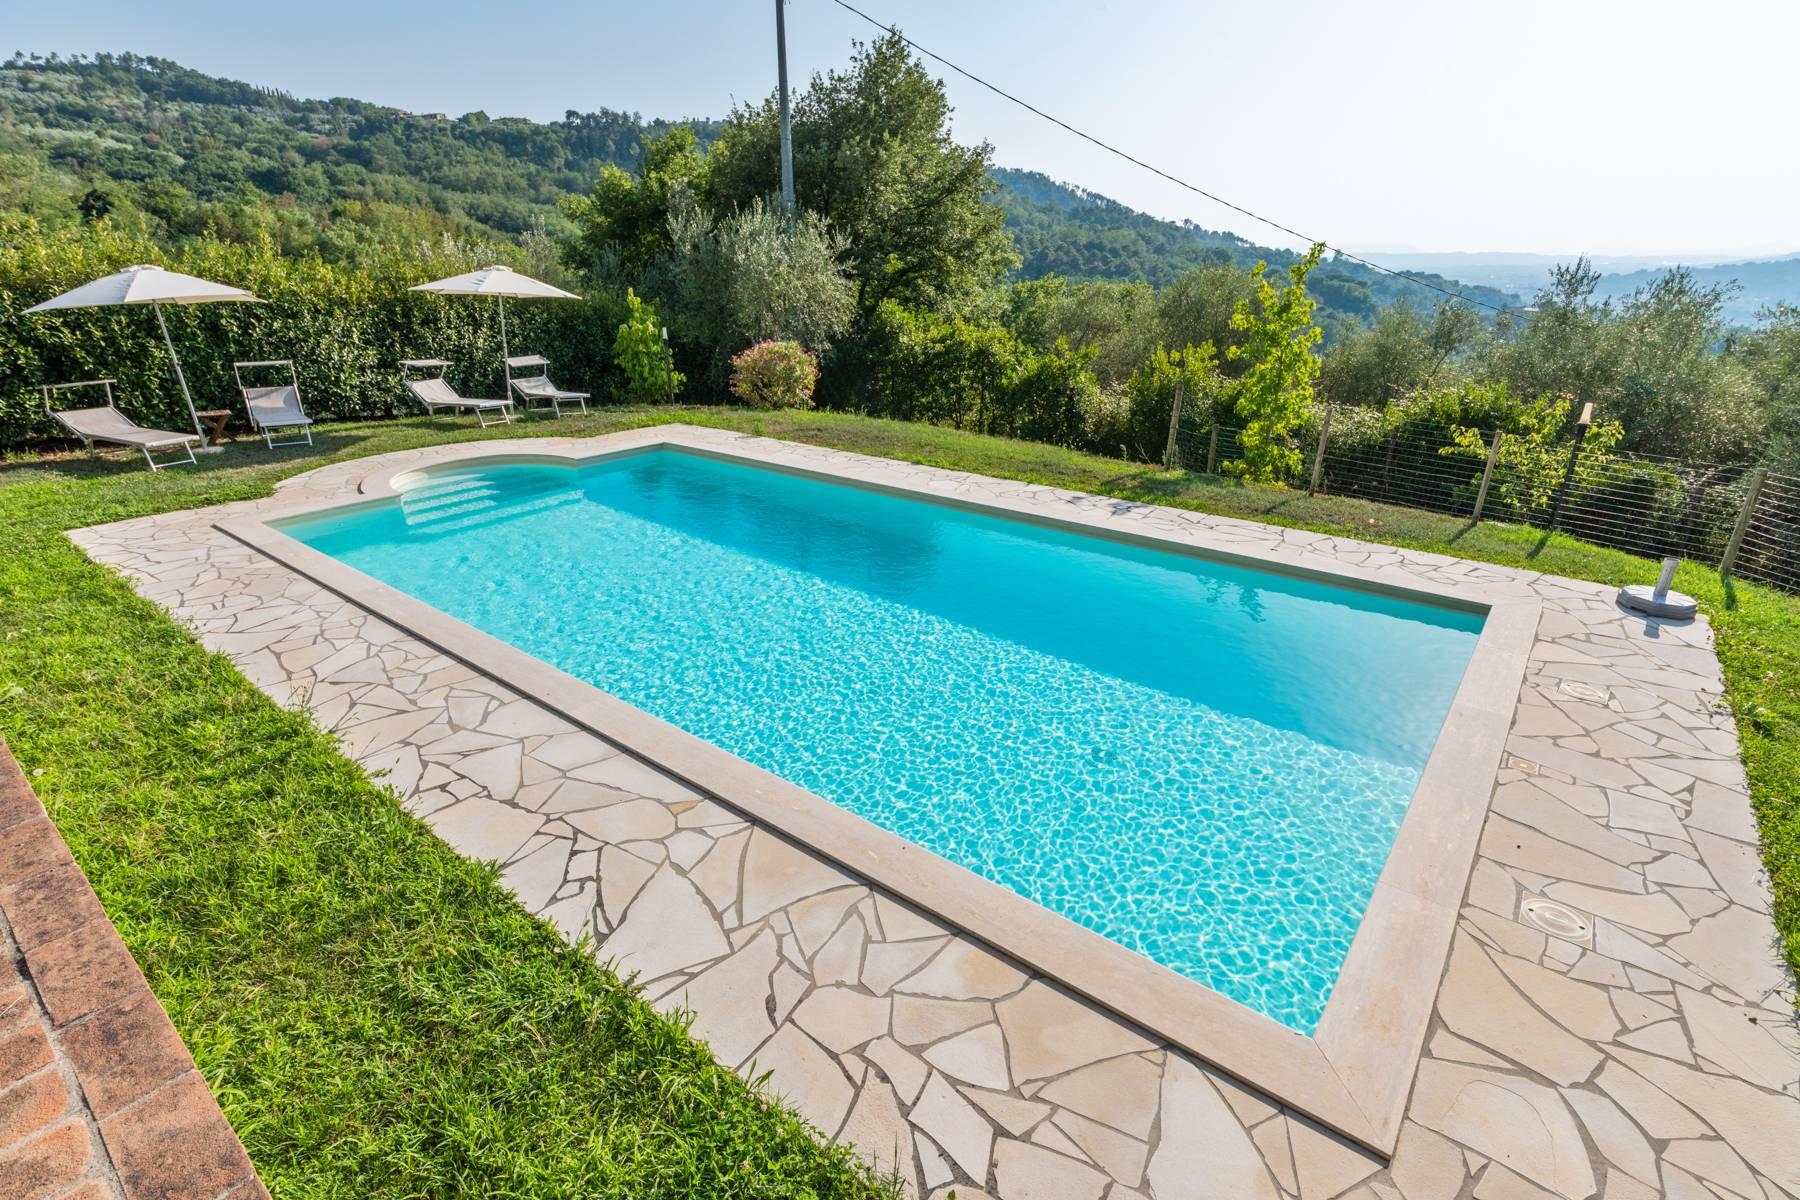 Rustico in Vendita a Monsummano Terme: 5 locali, 380 mq - Foto 3